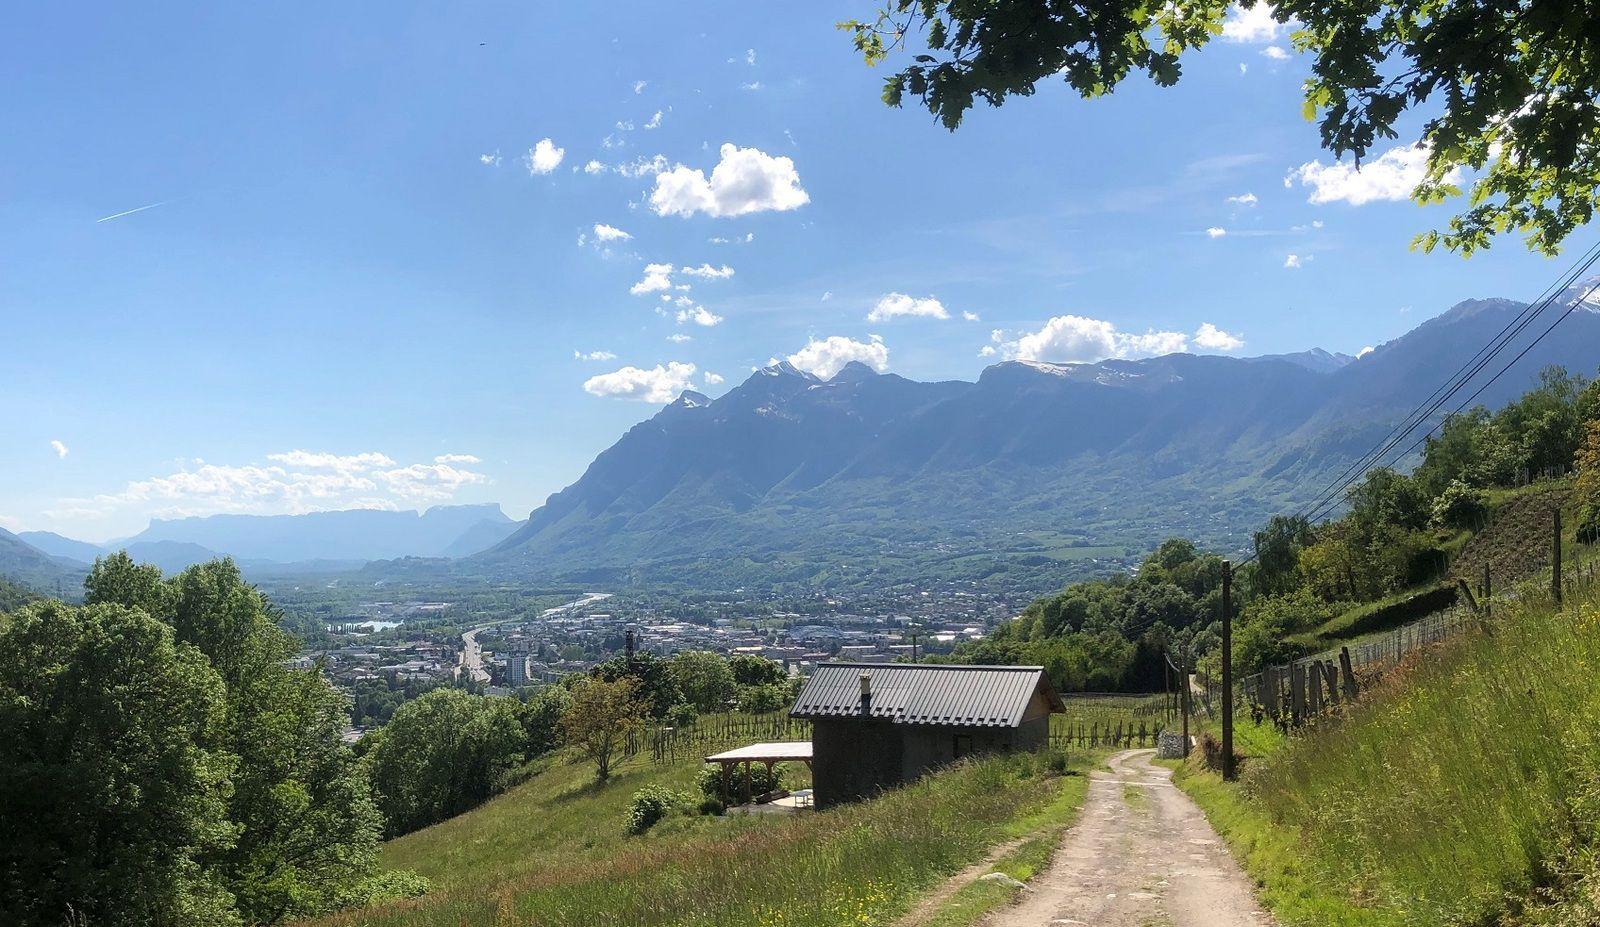 Photo 2 - A droite, les montagnes des Bauges, au fond, le massif de la Chartreuse. Le Granier domine Chambéry et à l'autre bout, la Dent de Crolles au-dessus de Grenoble.